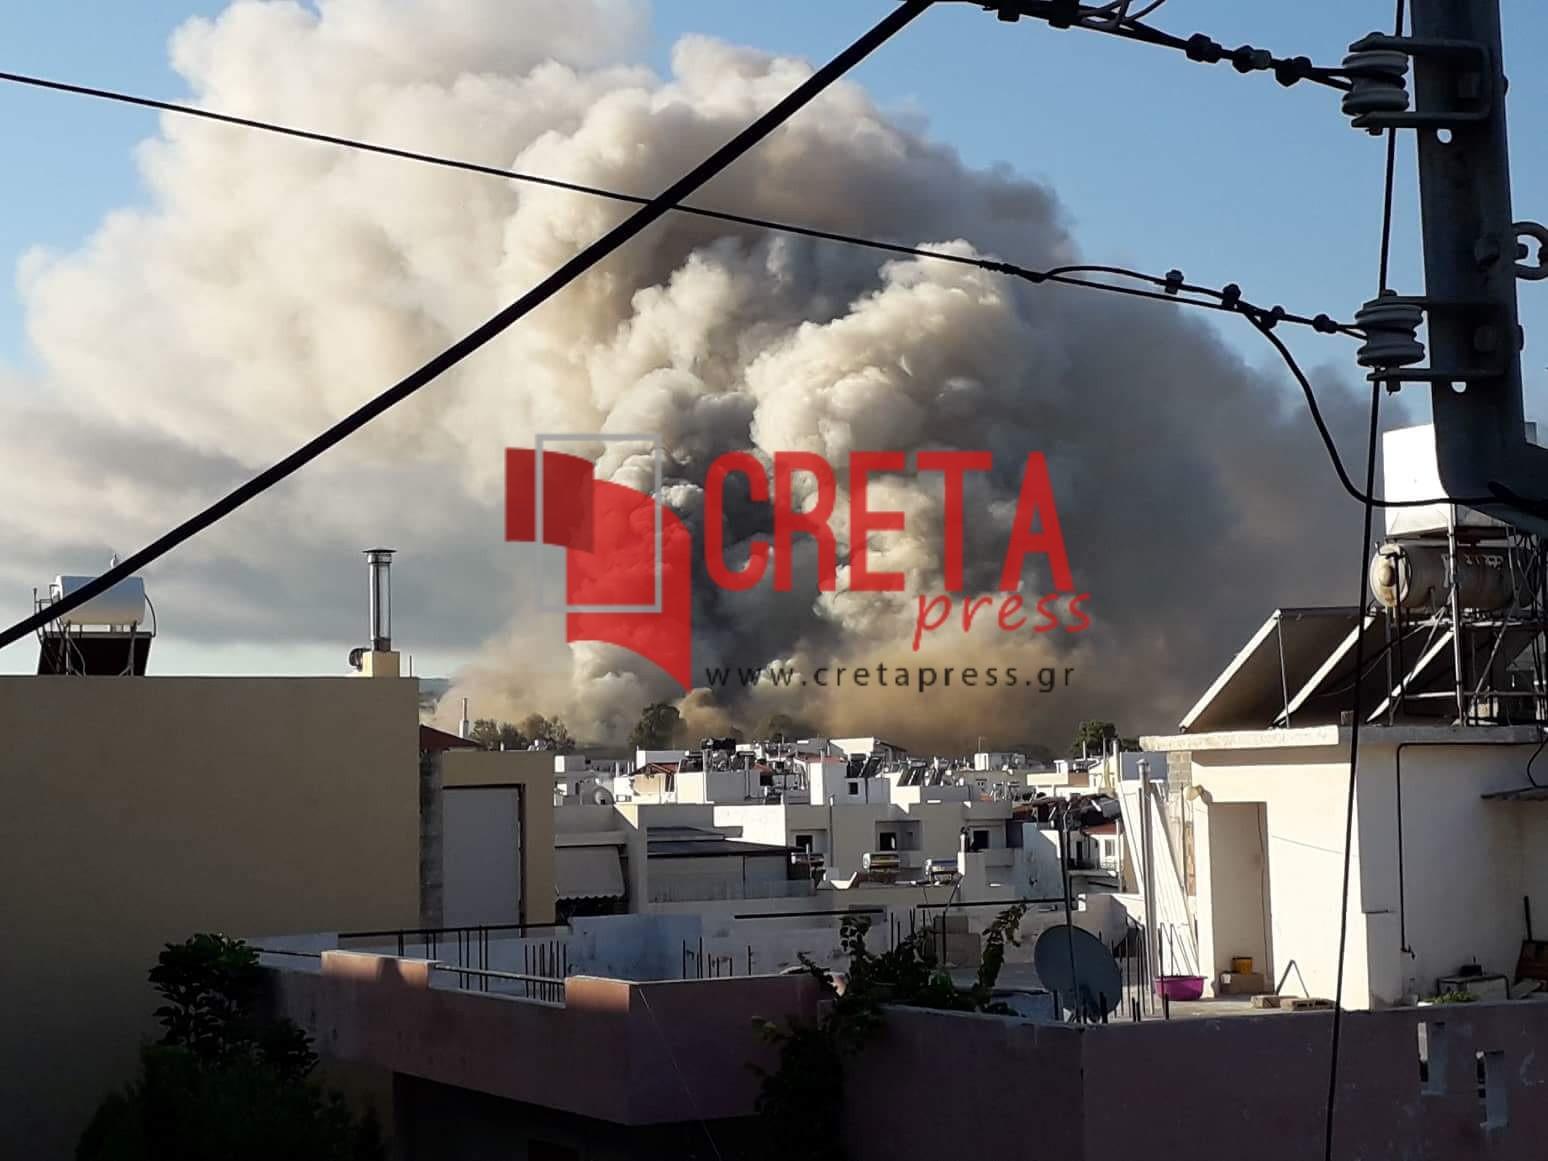 Φωτογραφίες και βίντεο απο την Πυρκαγιά στο Πανεπιστήμιο Κρήτης